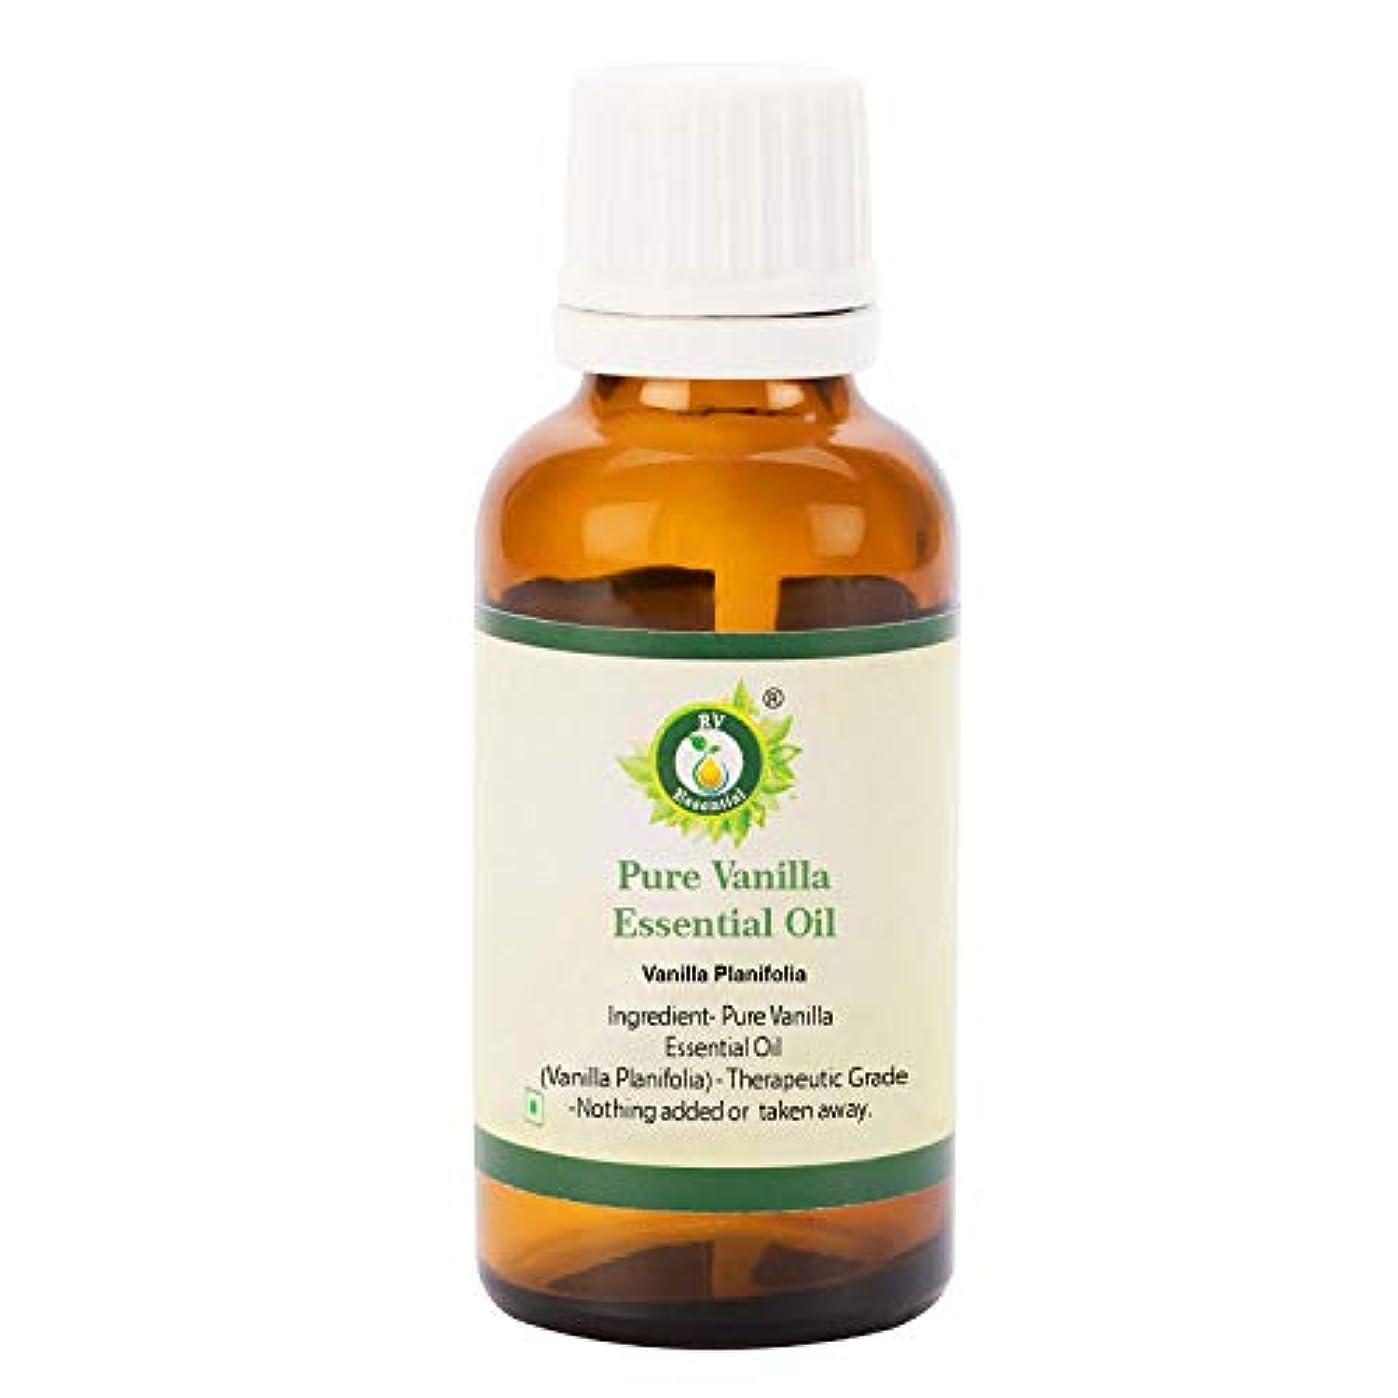 写真球状船外R V Essential ピュアバニラエッセンシャルオイル30ml (1.01oz)- Vanilla Planifolia (100%純粋&天然) Pure Vanilla Essential Oil